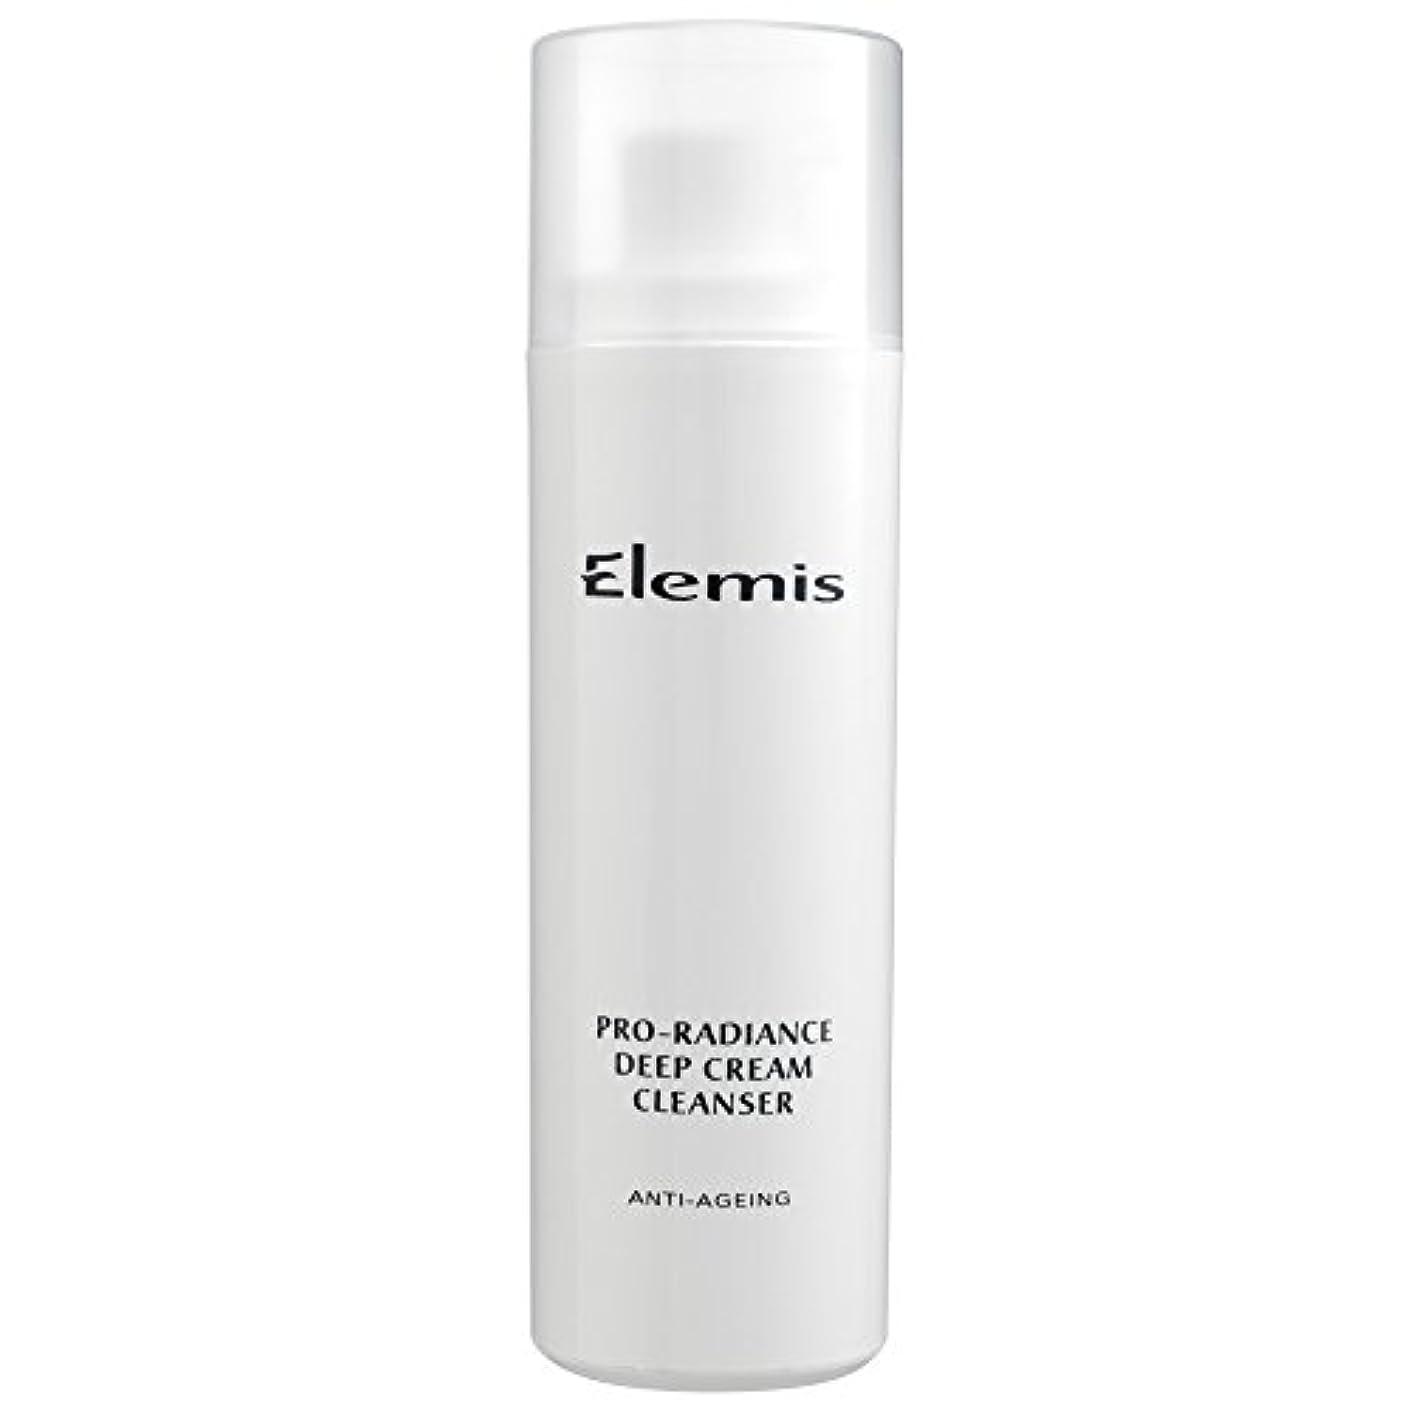 有害安いです黙エレミスプロ輝きクリームクレンザー、150ミリリットル (Elemis) (x2) - Elemis Pro-Radiance Cream Cleanser, 150ml (Pack of 2) [並行輸入品]